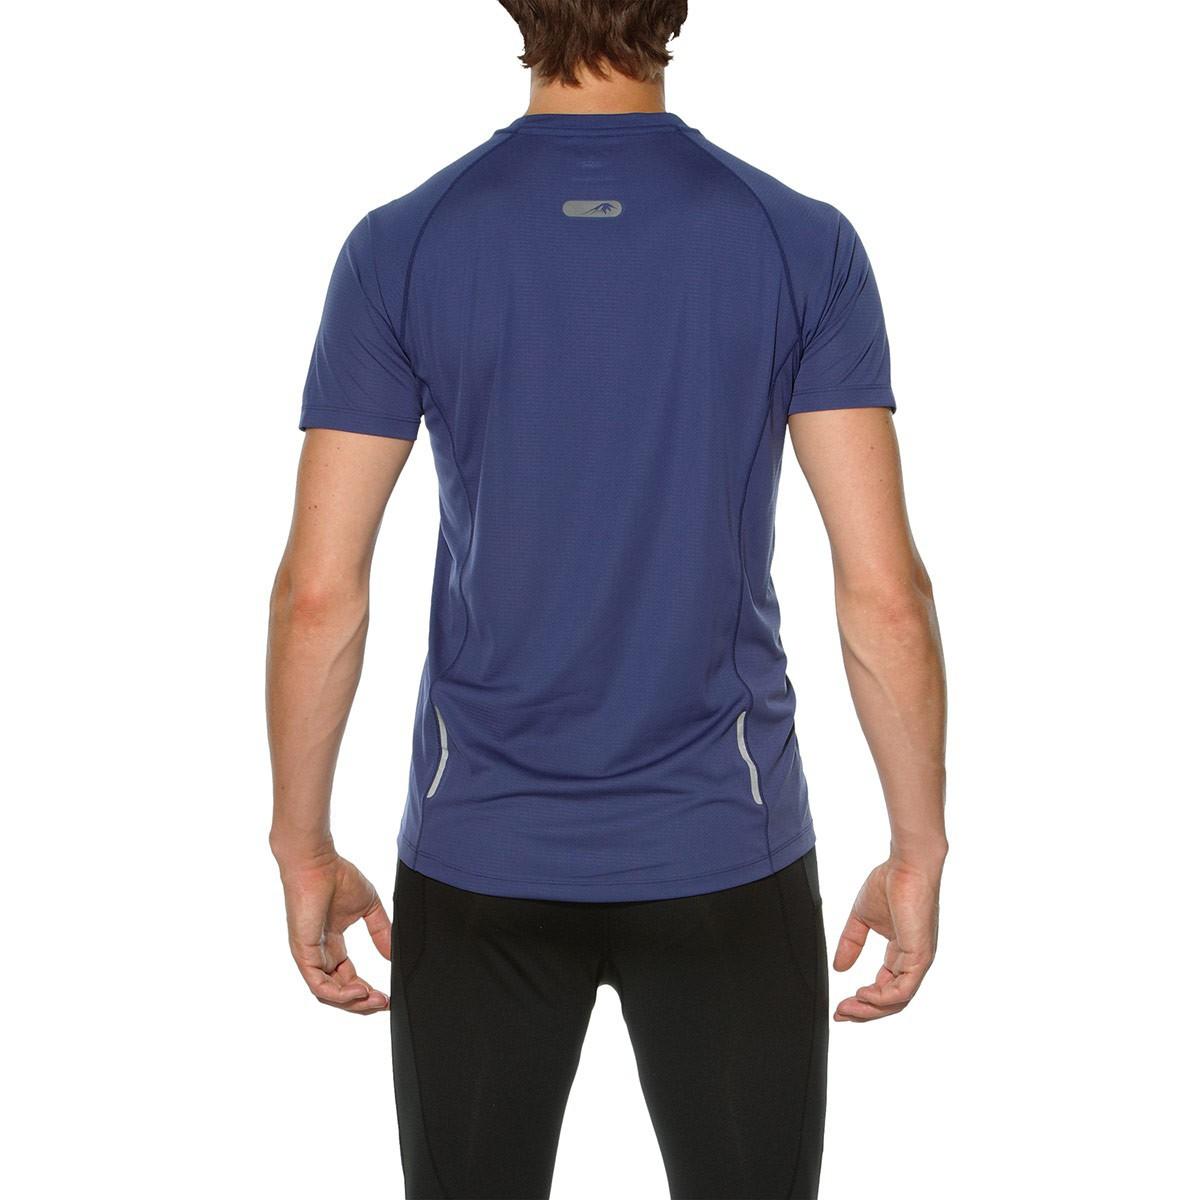 Мужская беговая футболка Asics FujiTrail Ultra Top (130006 8133) синяя фото